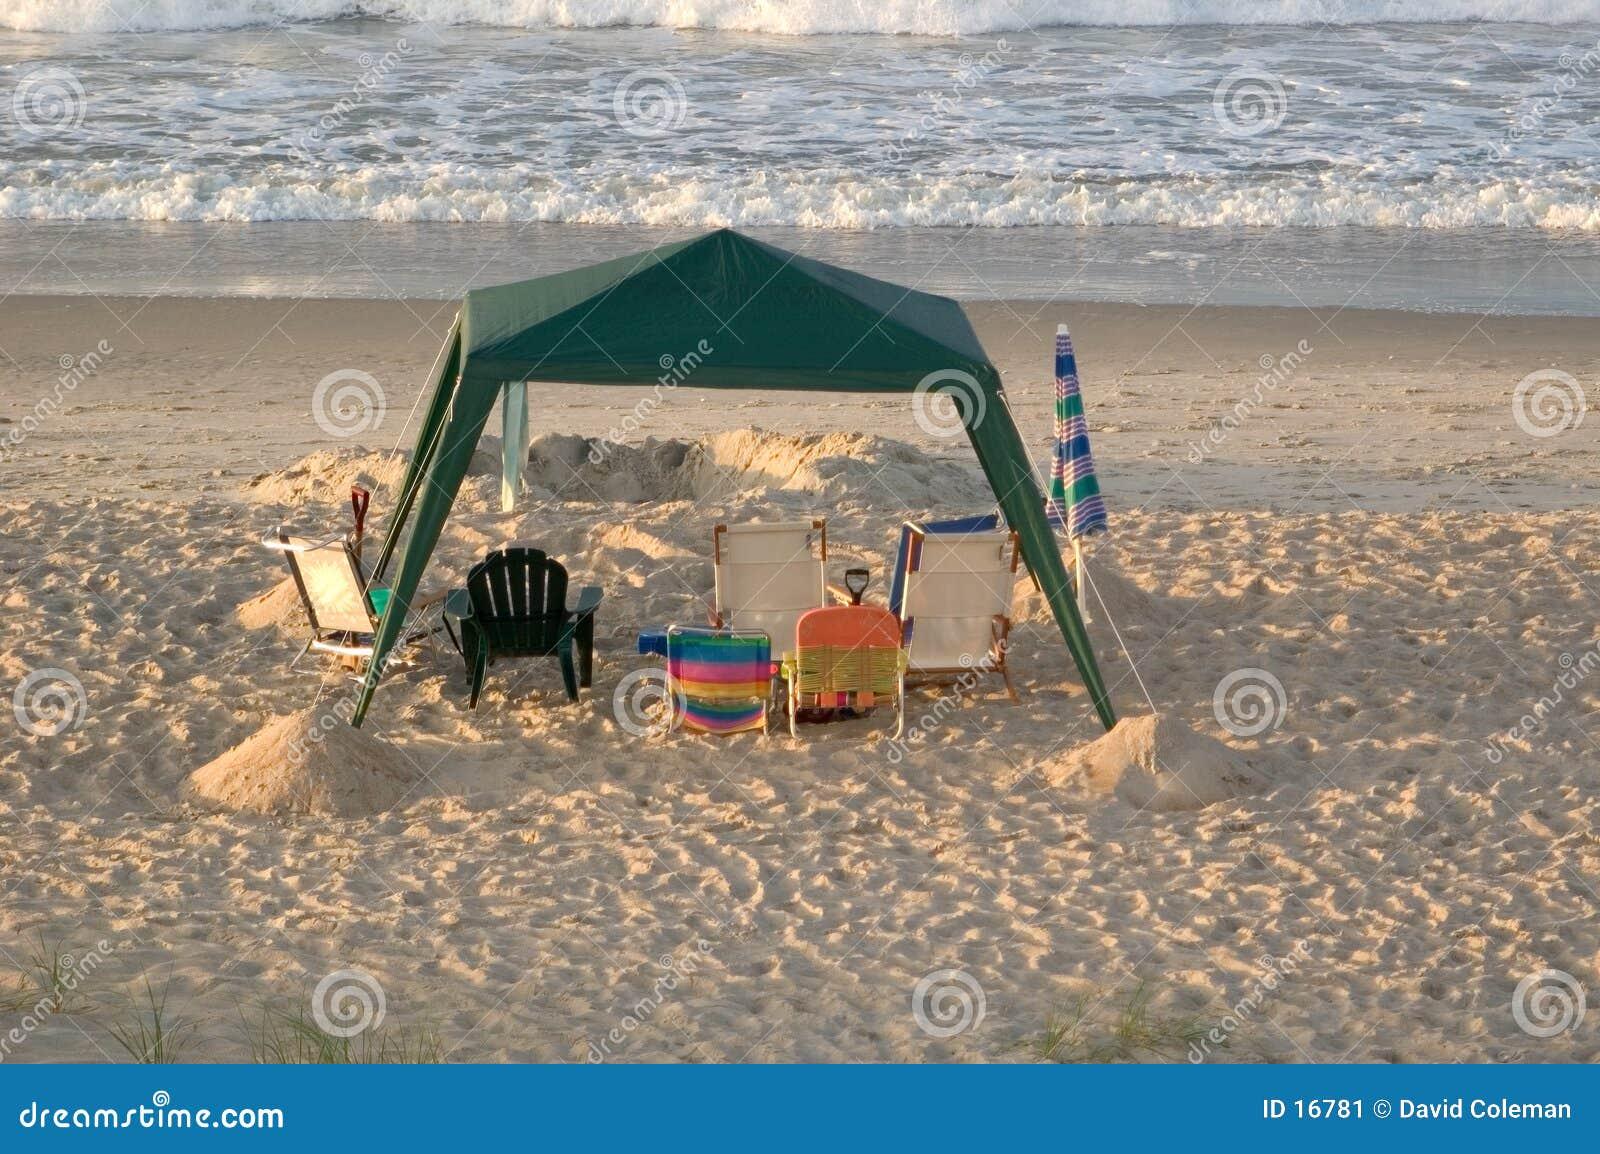 Empty Beach Canopy